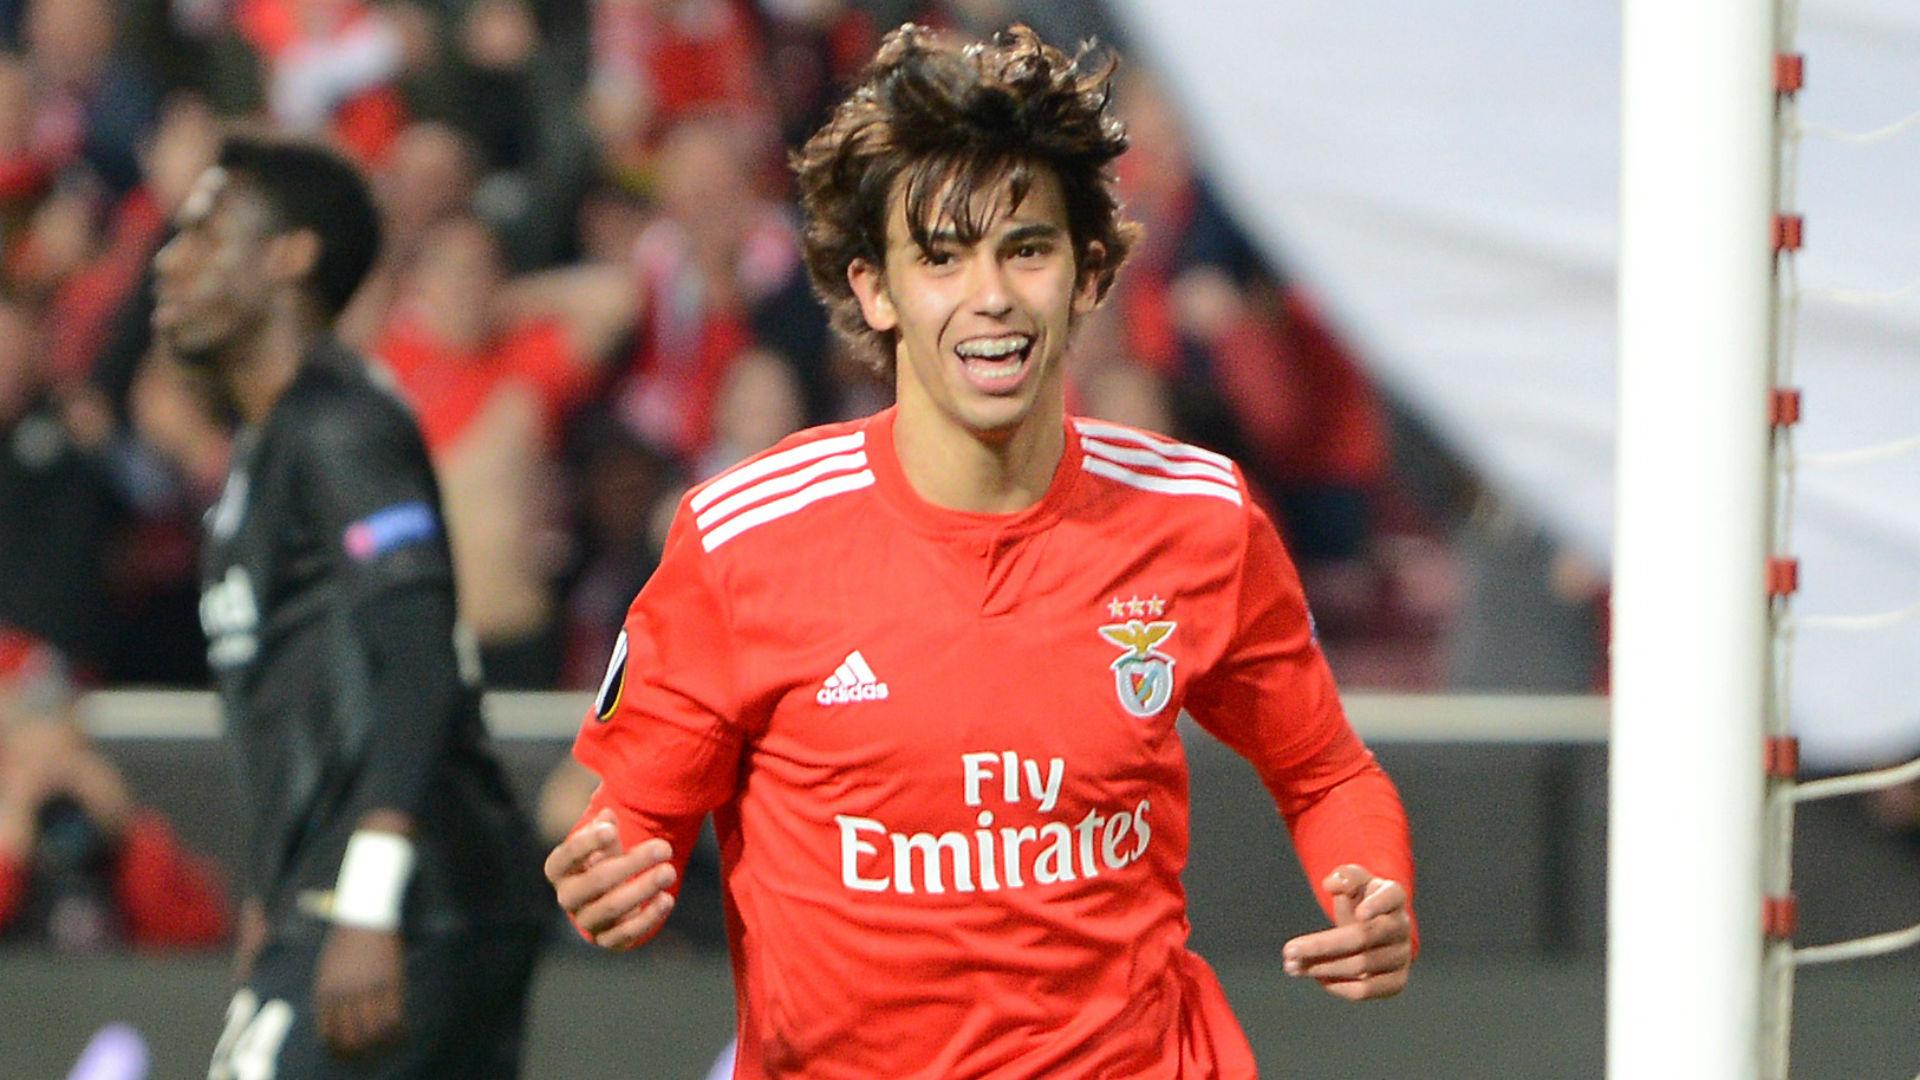 El Real Madrid ofreció 80 millones por Joao Félix